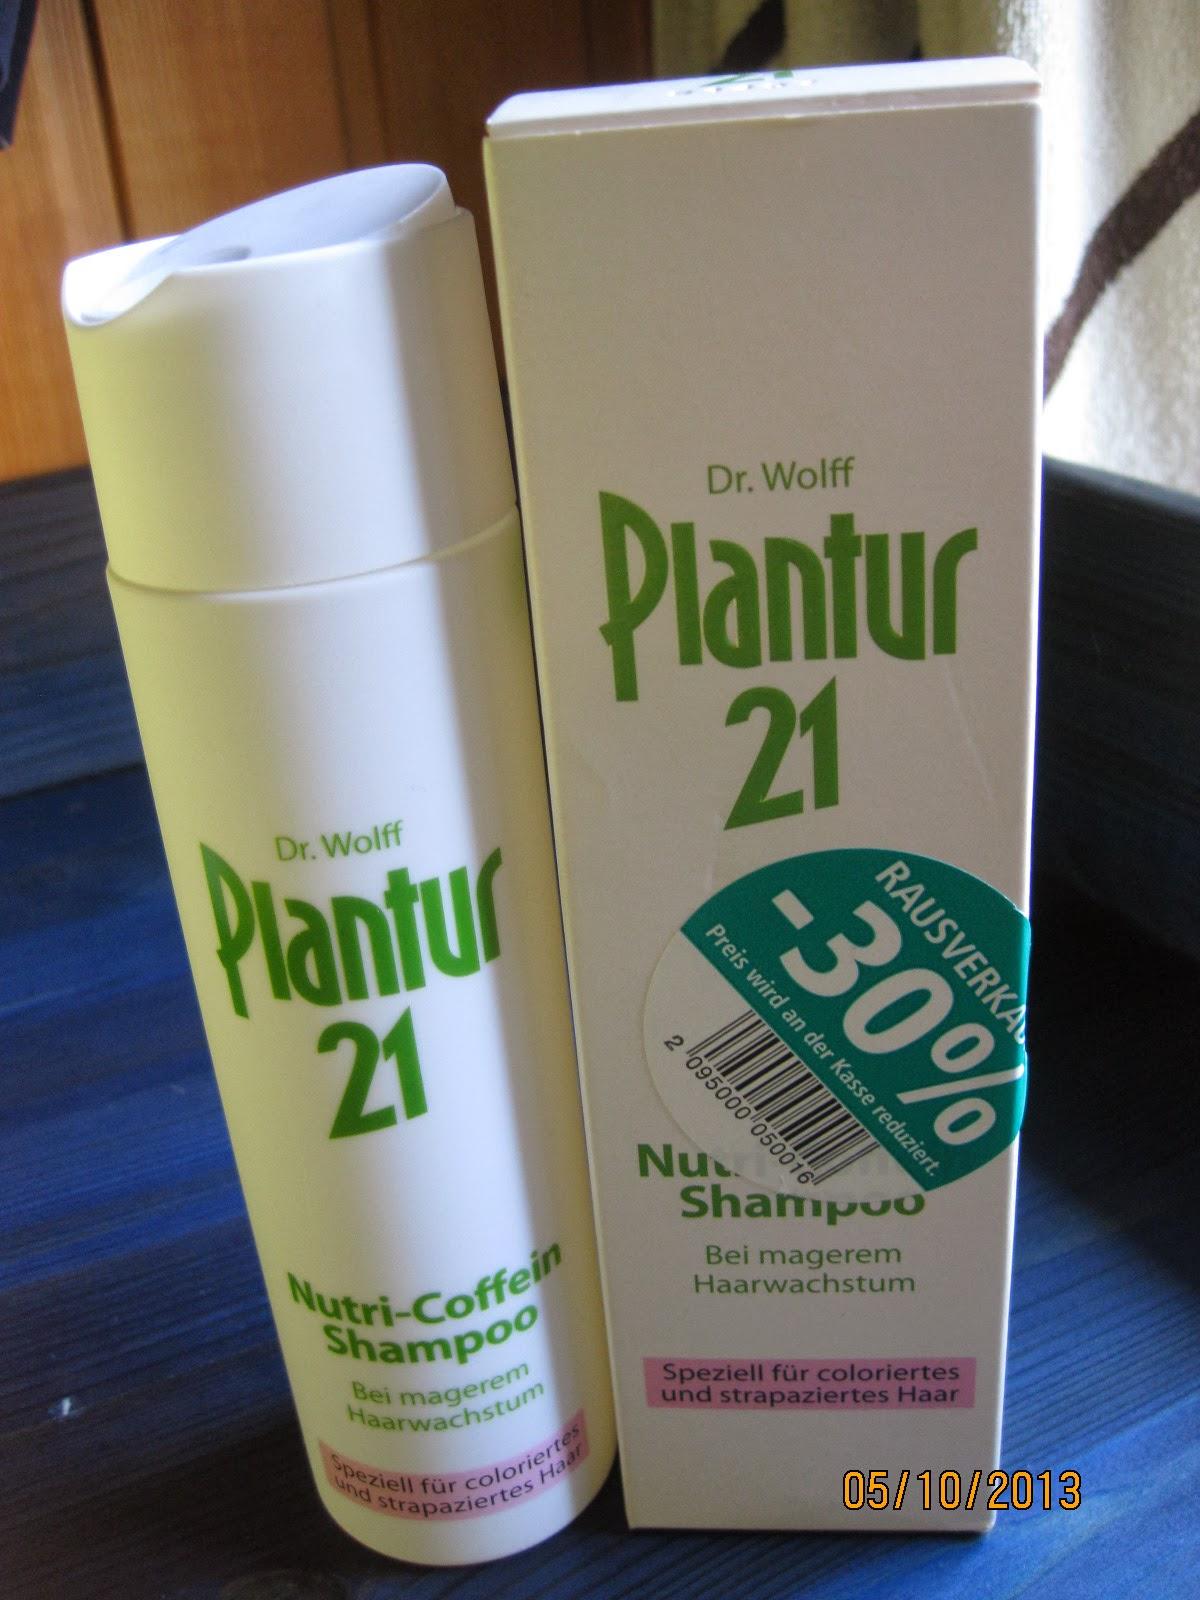 00b2e46834c Ja näe imet,oligi täitsa olemas 30 % allahindlusega juuksekasvu ergutav  shampoon Plantur21 kofeiiniga.Ei mõelnud kaua ja ost sai tehtud hinnaga  6.99 €.